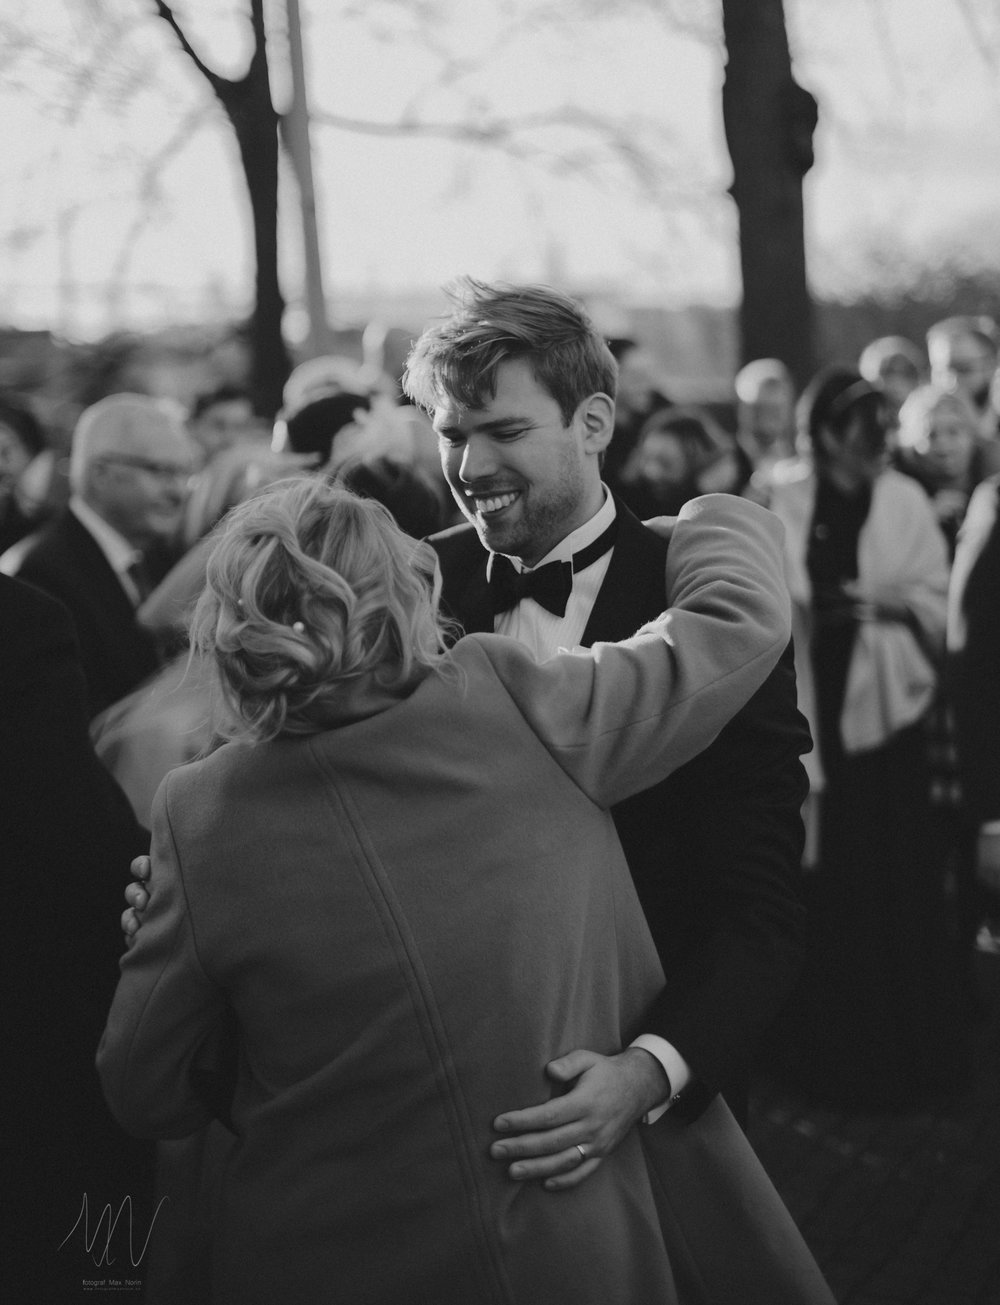 bröllopsfoto-fotograf-max-norin-199.jpg